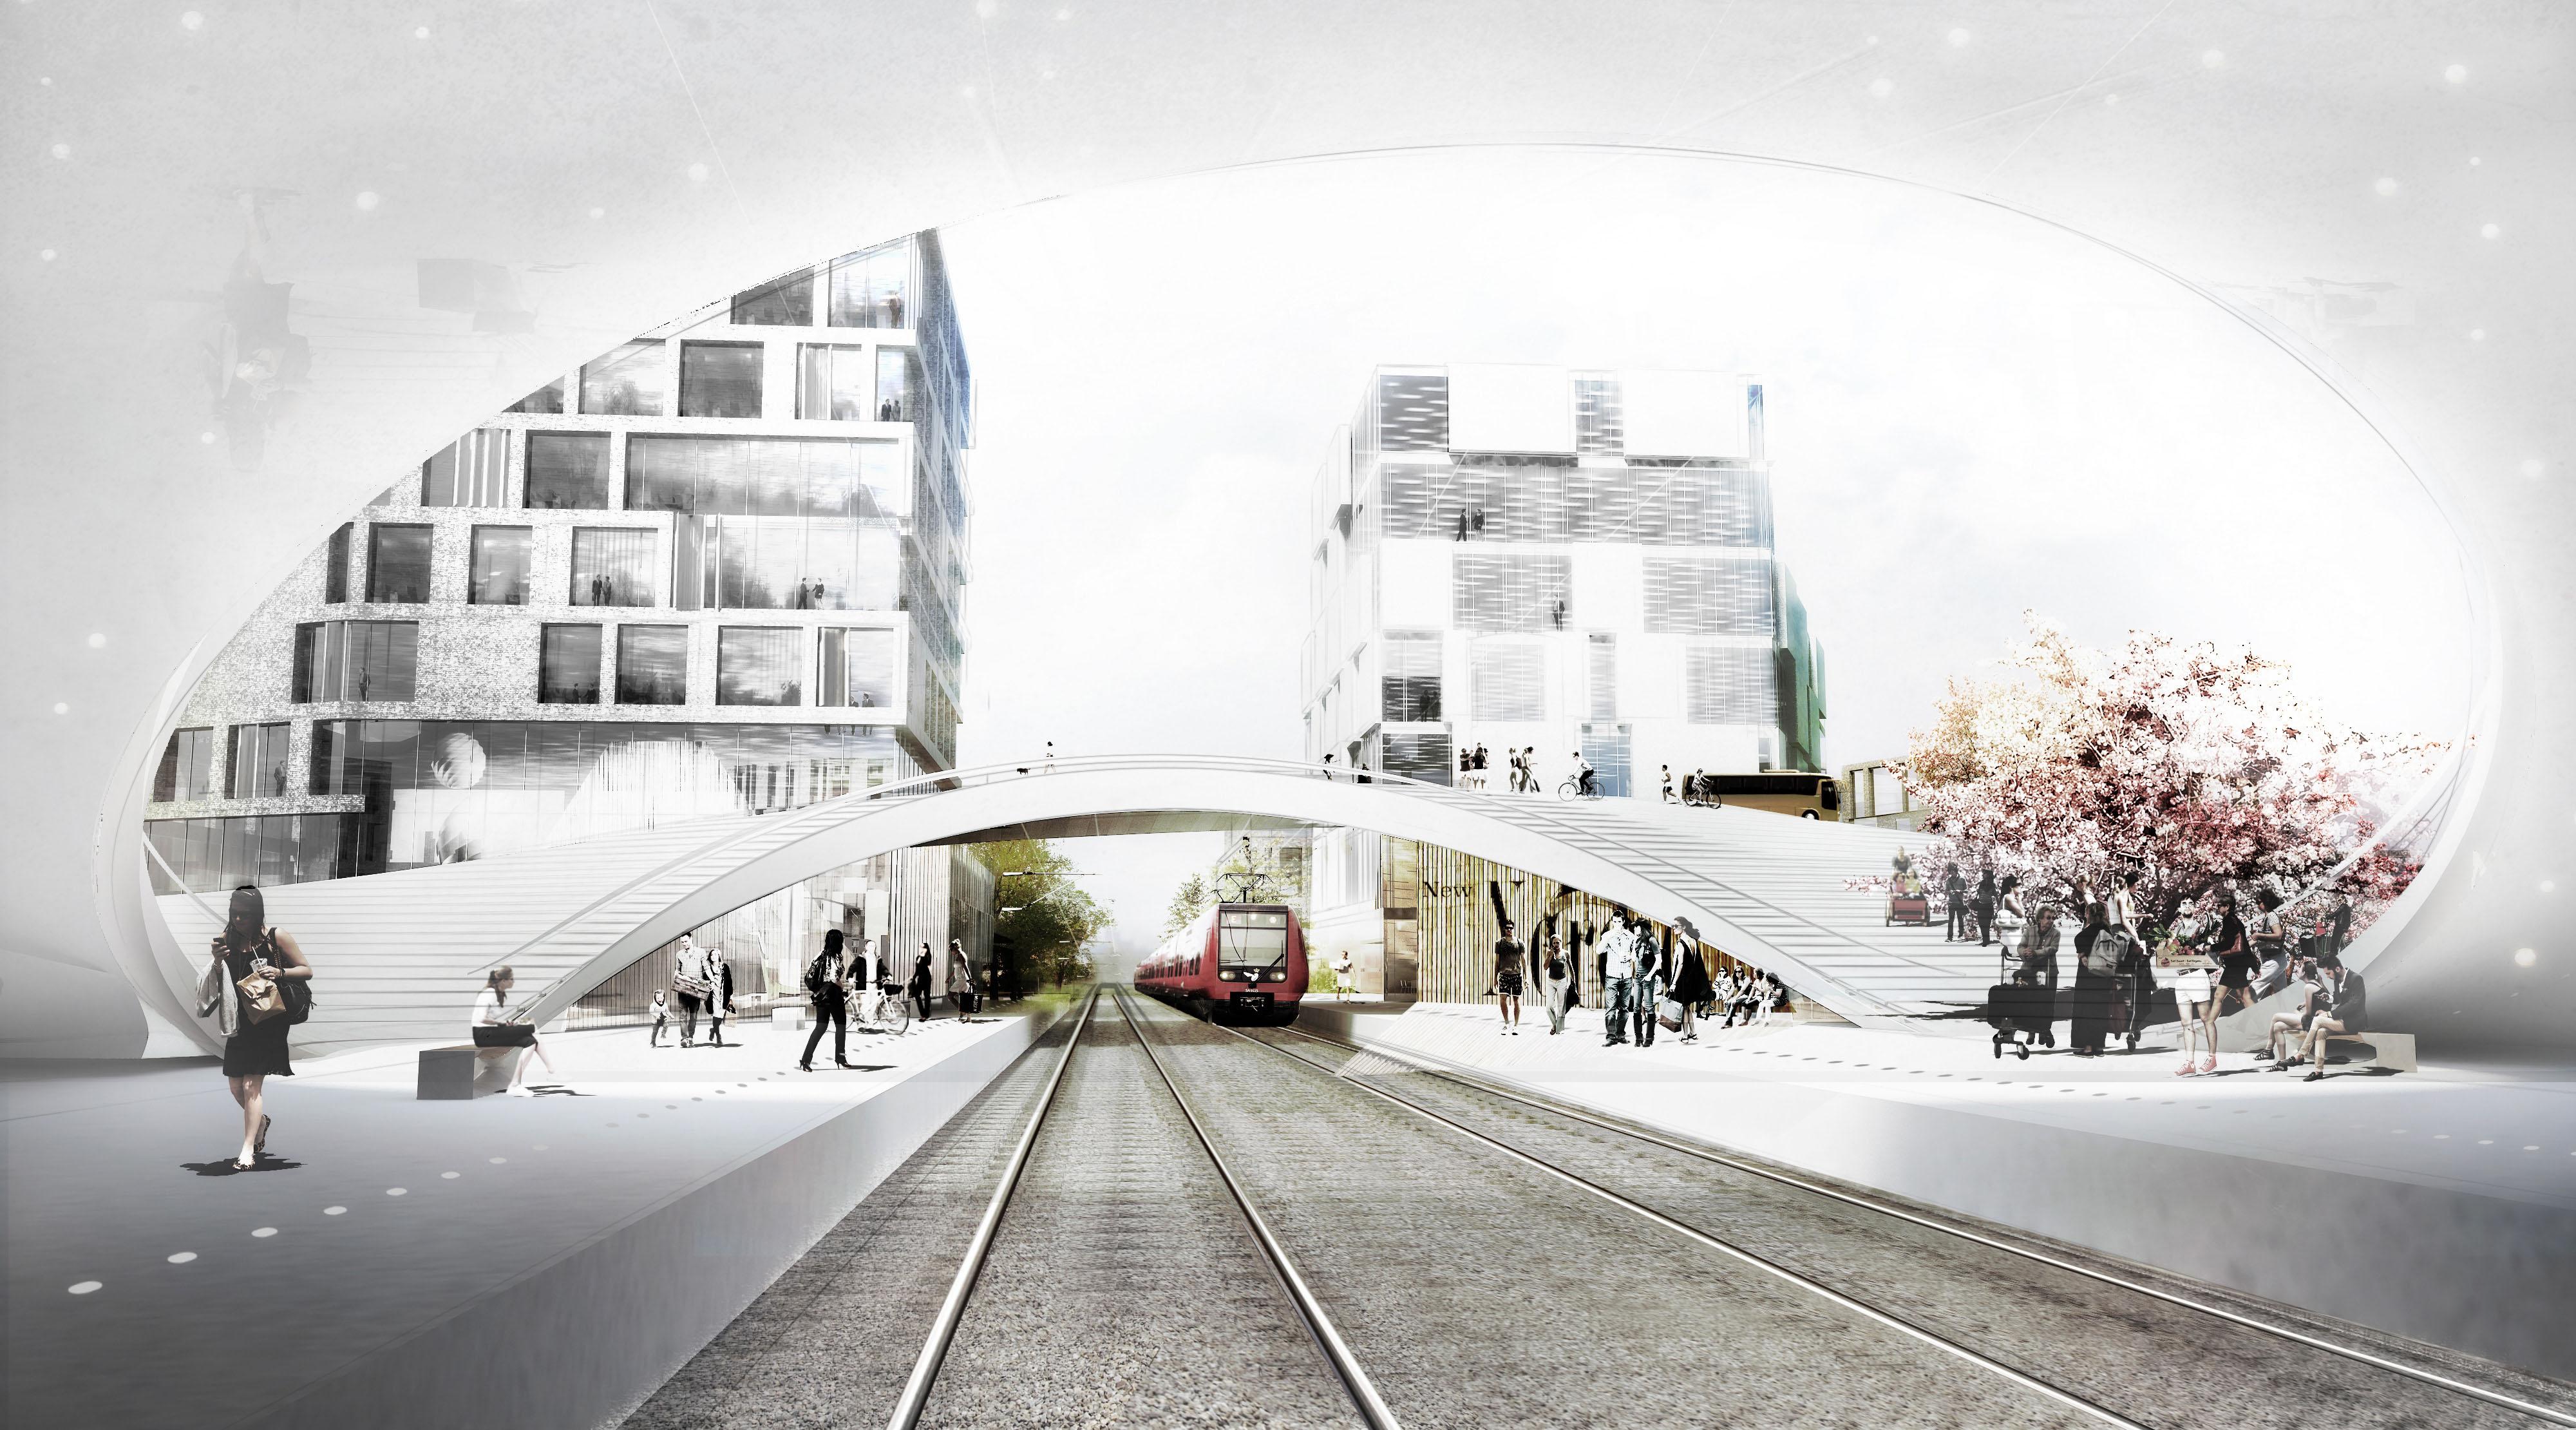 vinge_station_-_krediteres_henning_larsen_arkitekter_og_tredje_natur_2.jpg